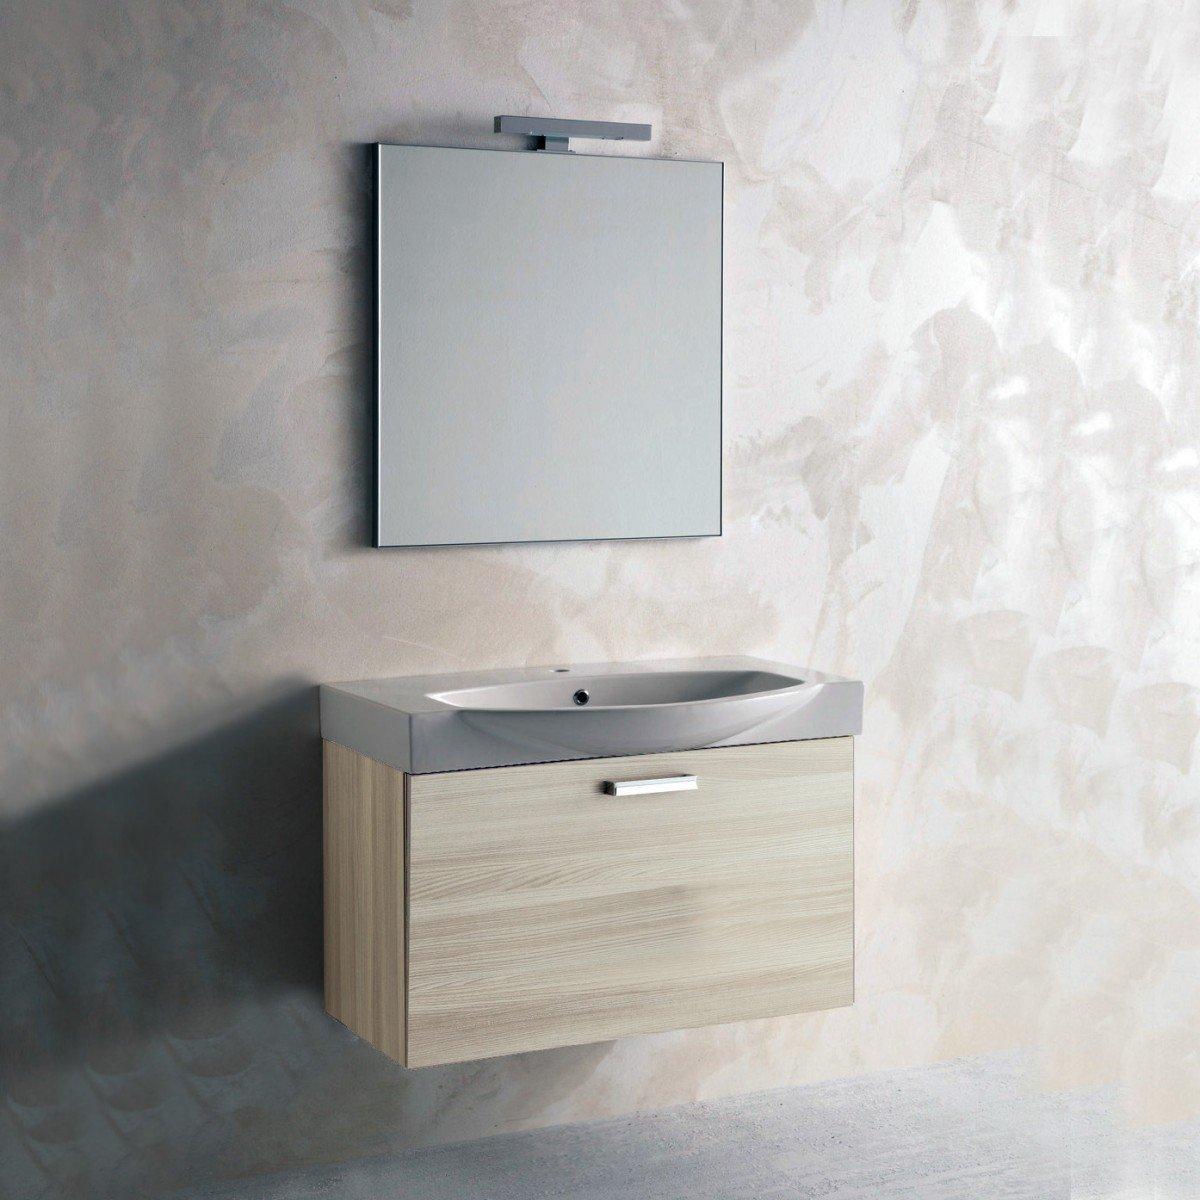 Mobile bagno completo olmo cod 0102 - Mobile bagno completo ...